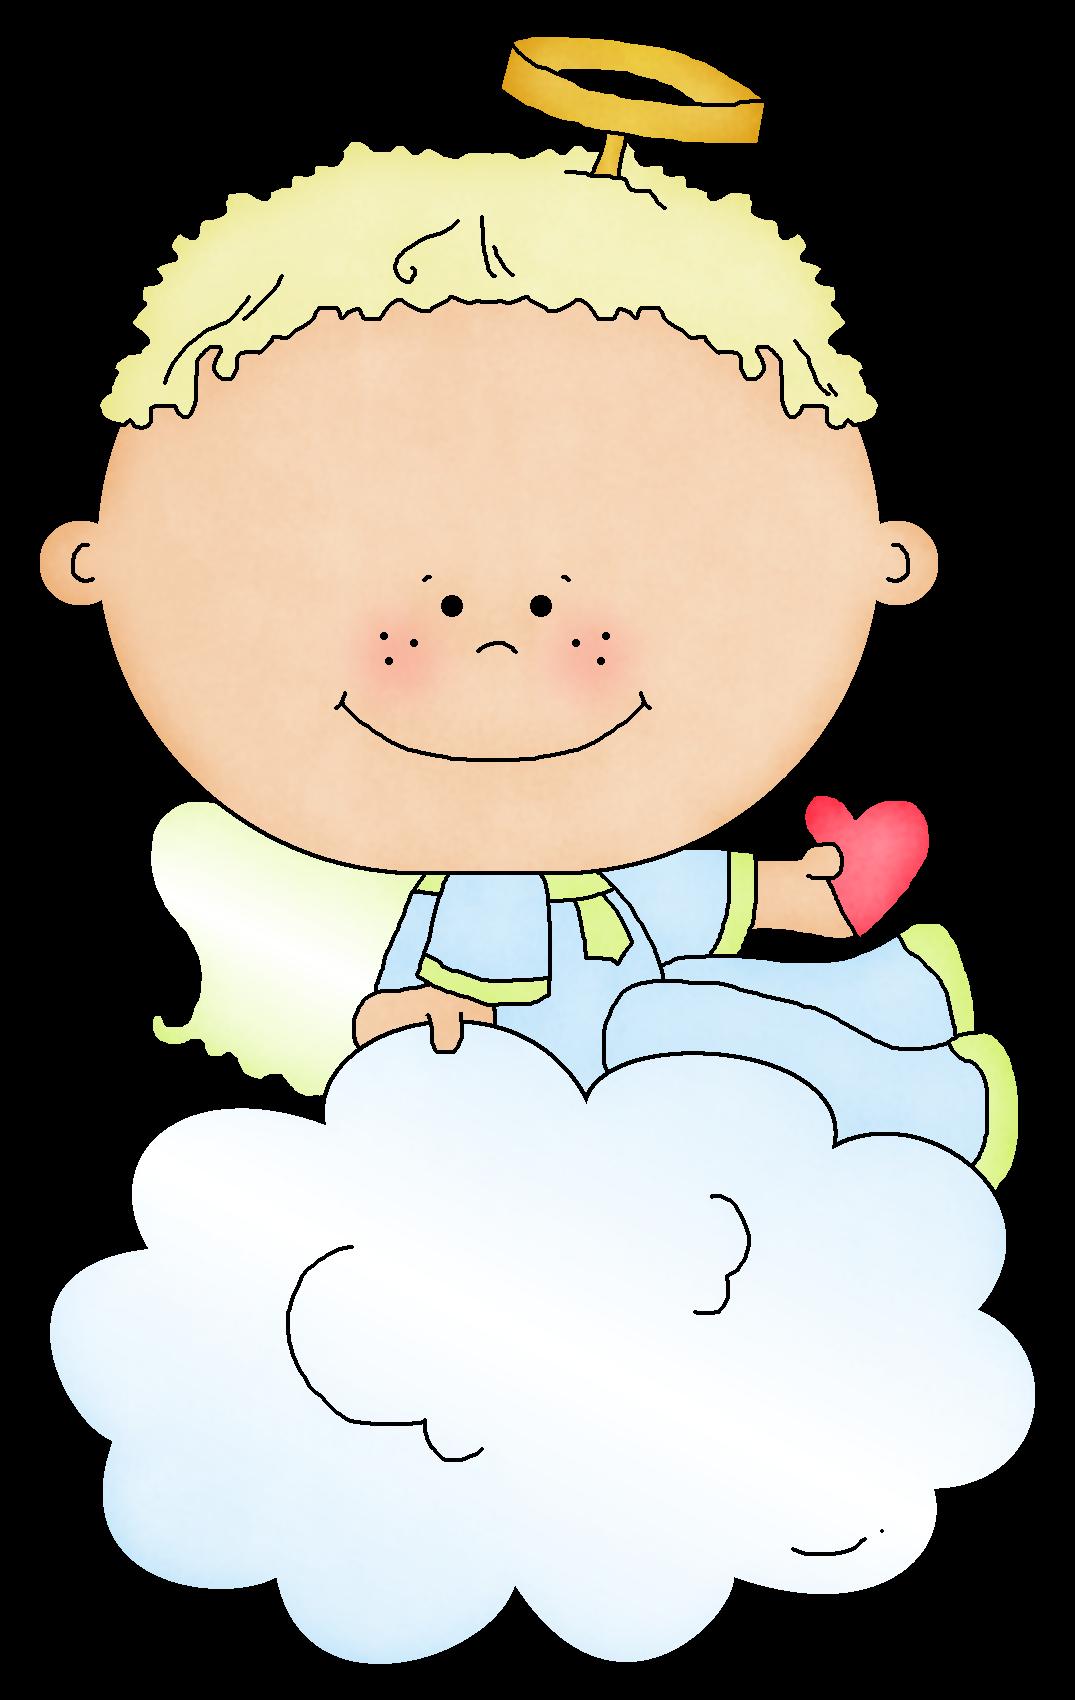 alas dibujos bebes. Communion clipart background